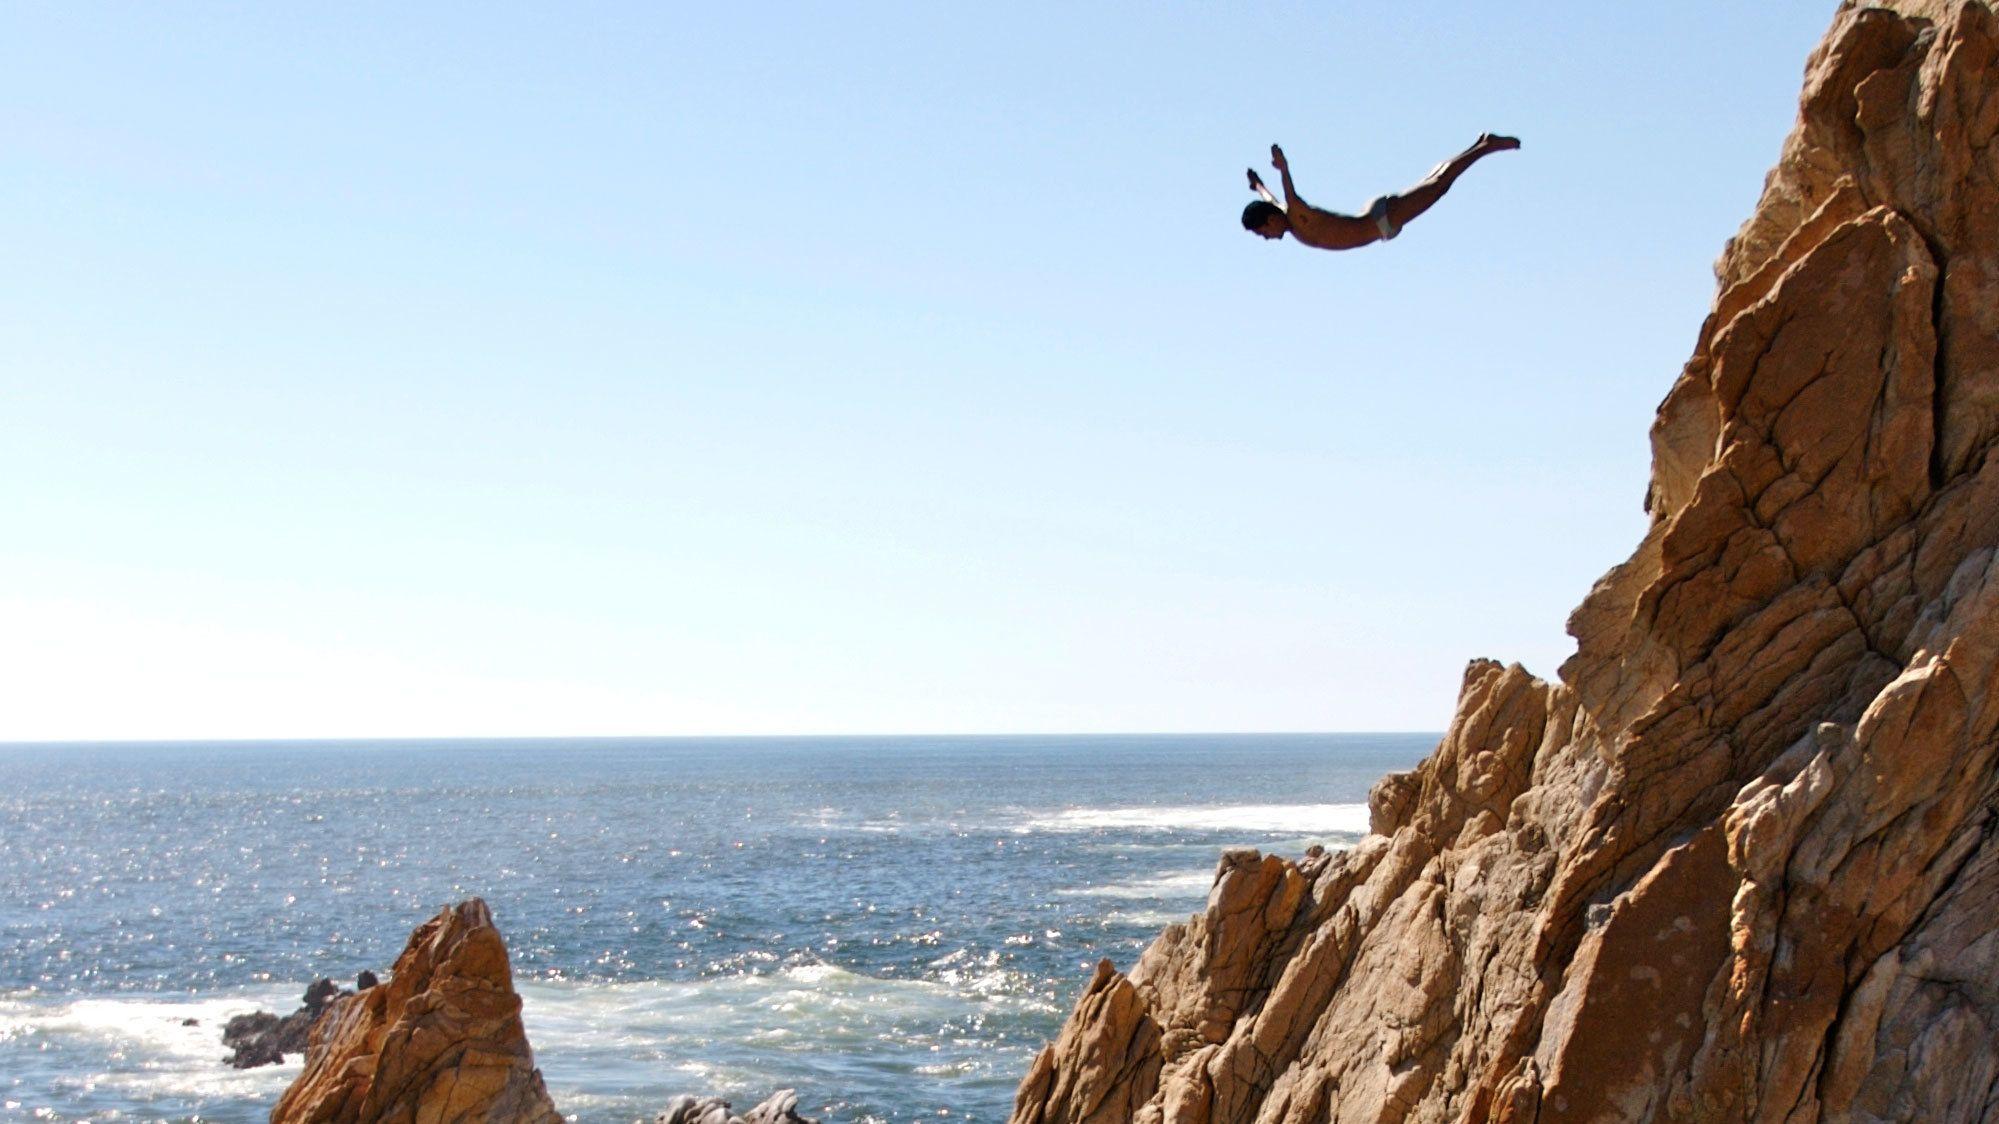 Cliff diver midair in Acapulco